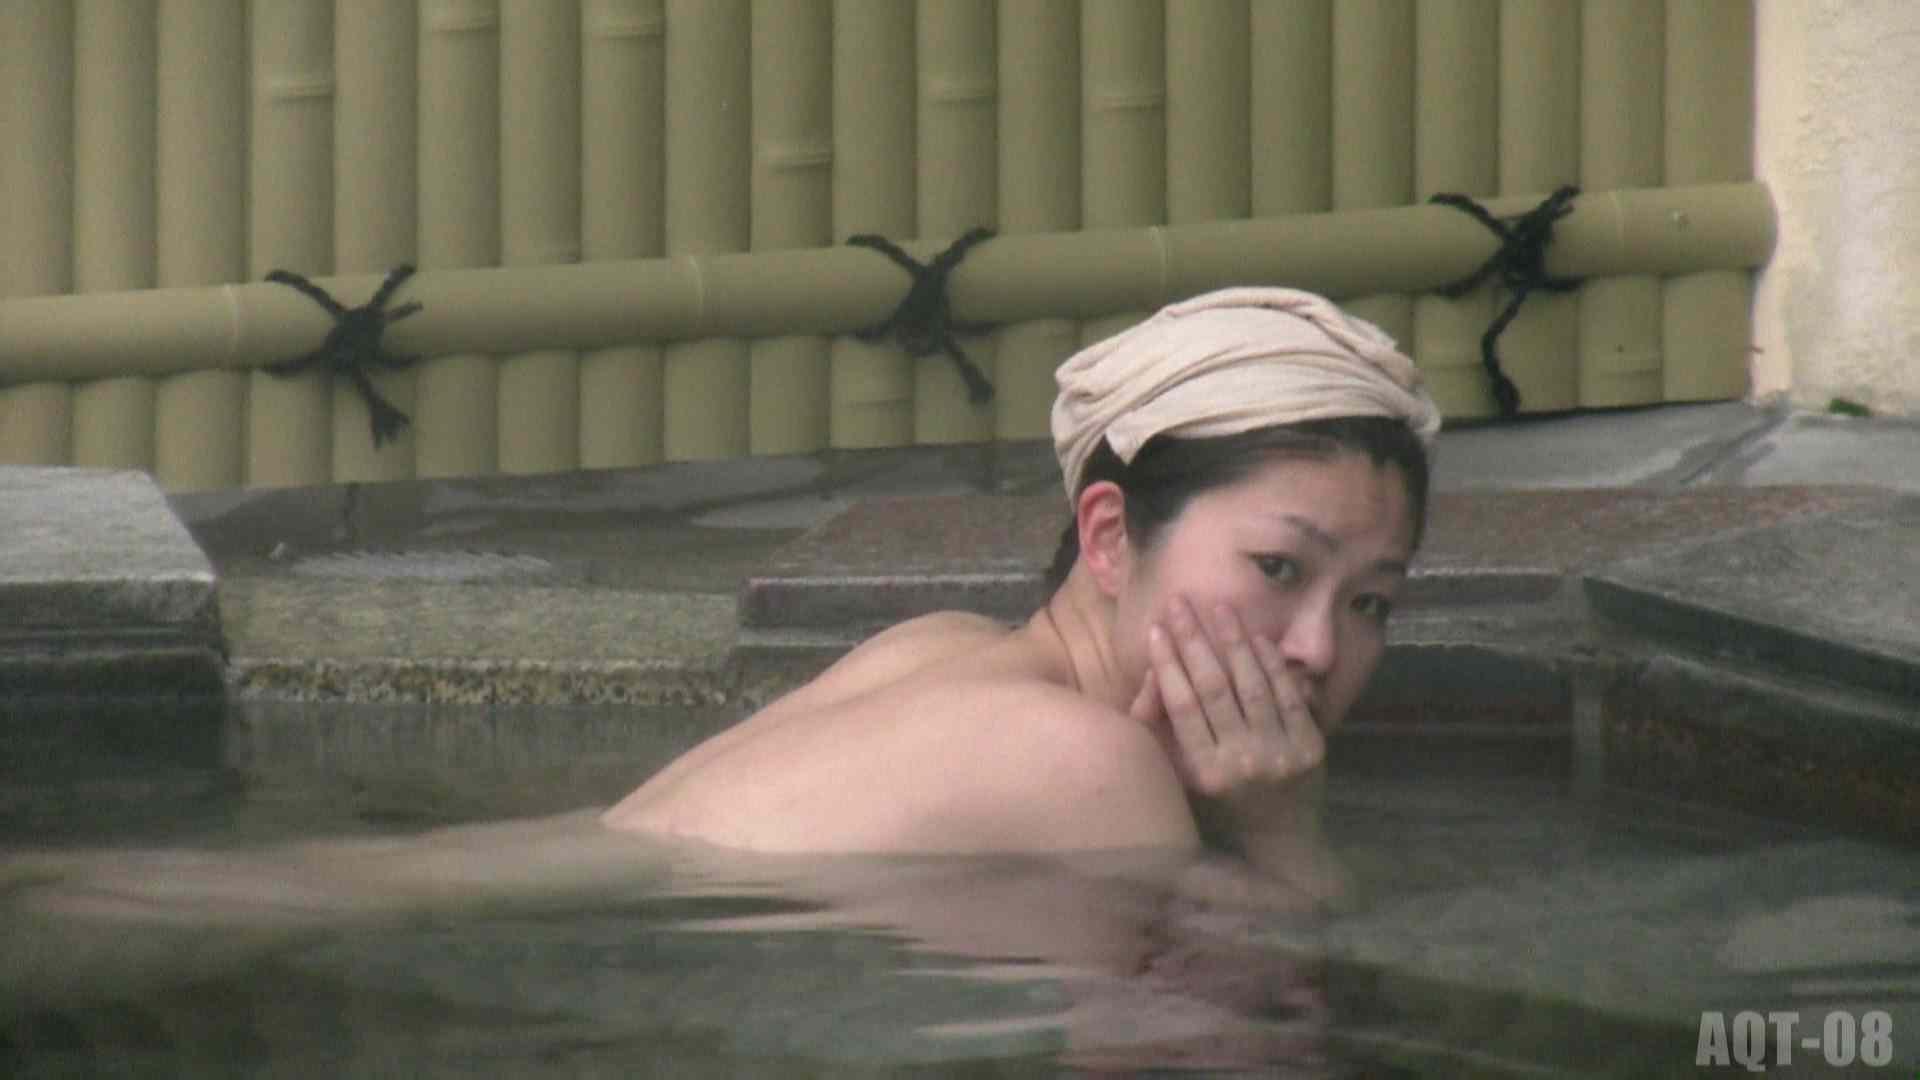 Aquaな露天風呂Vol.772 OL女体   女体盗撮  39連発 28